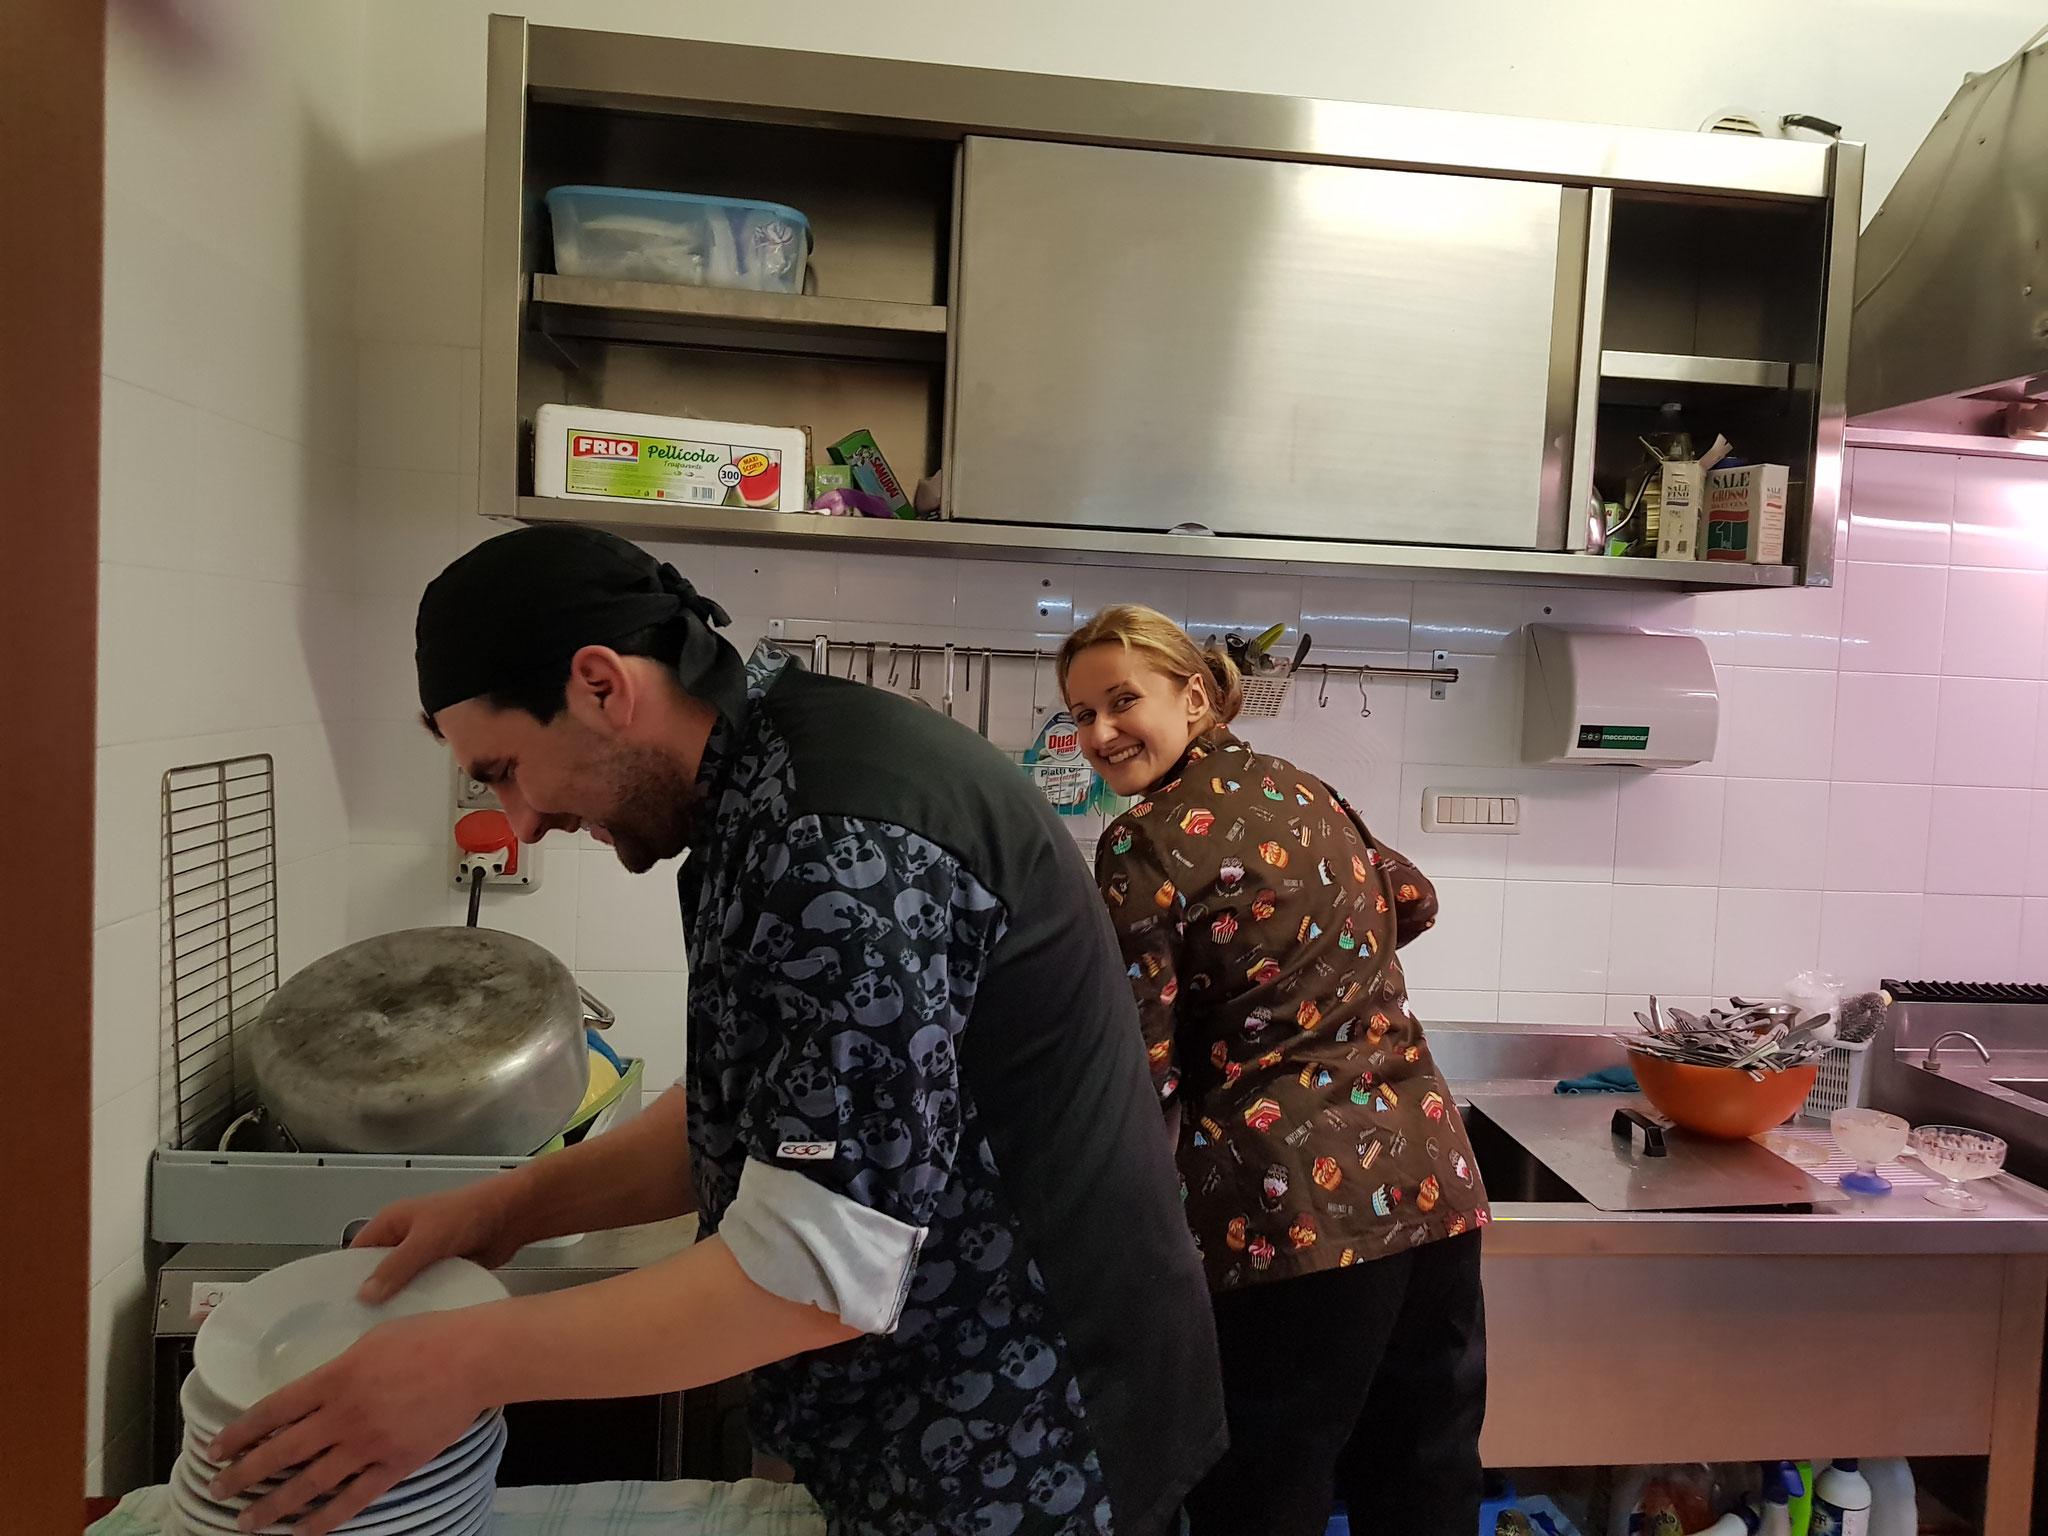 Ein Schmunzeln aus der Küche